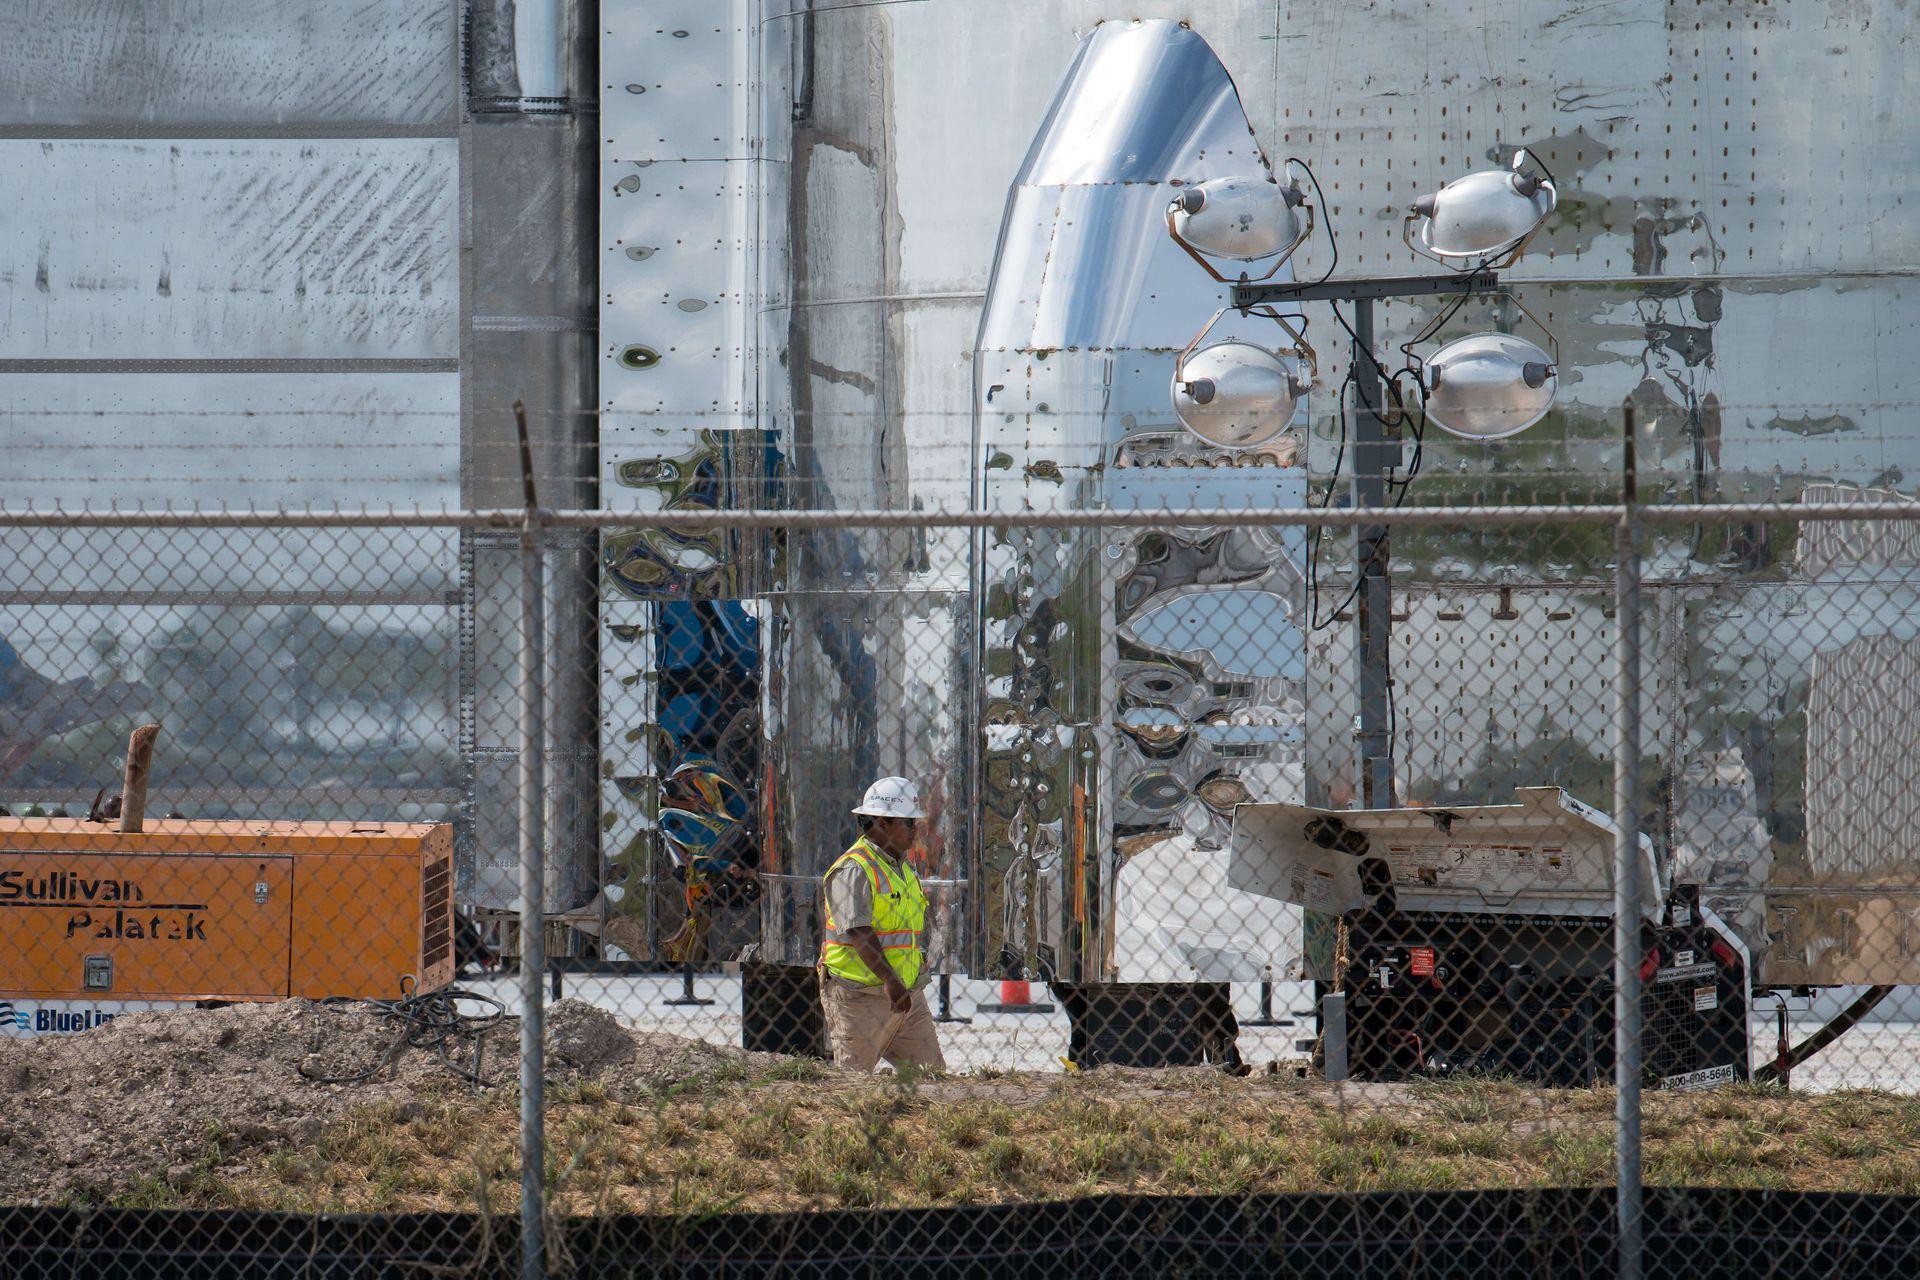 Un trabajador camina por la base de un prototipo de nave espacial Starship de SpaceX en las instalaciones de lanzamiento de la compañía en Texas